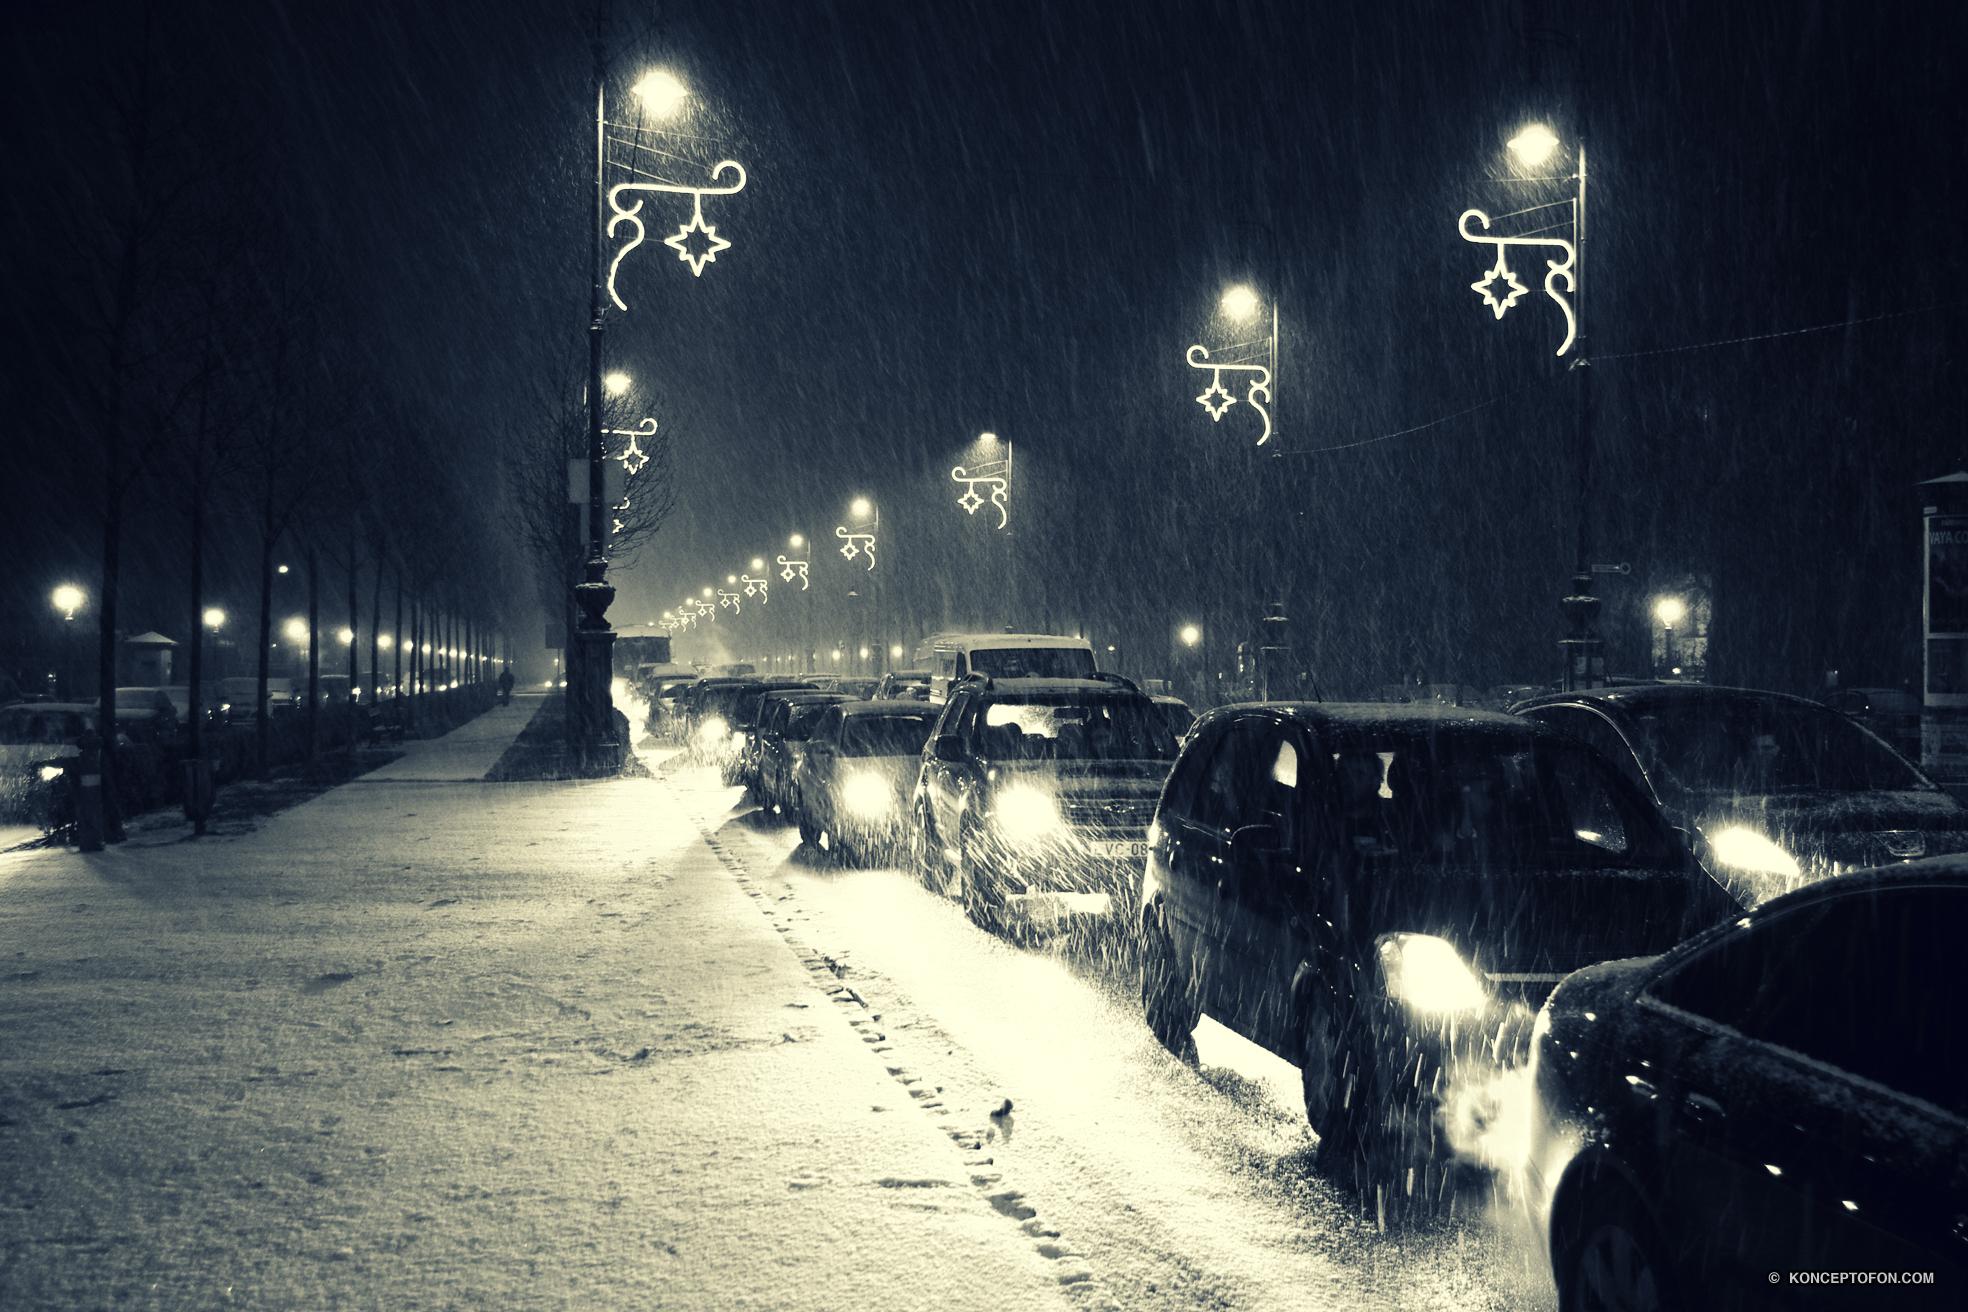 budapest your dream winter season travel job budapest your dream winter season travel job traveljobsearch com